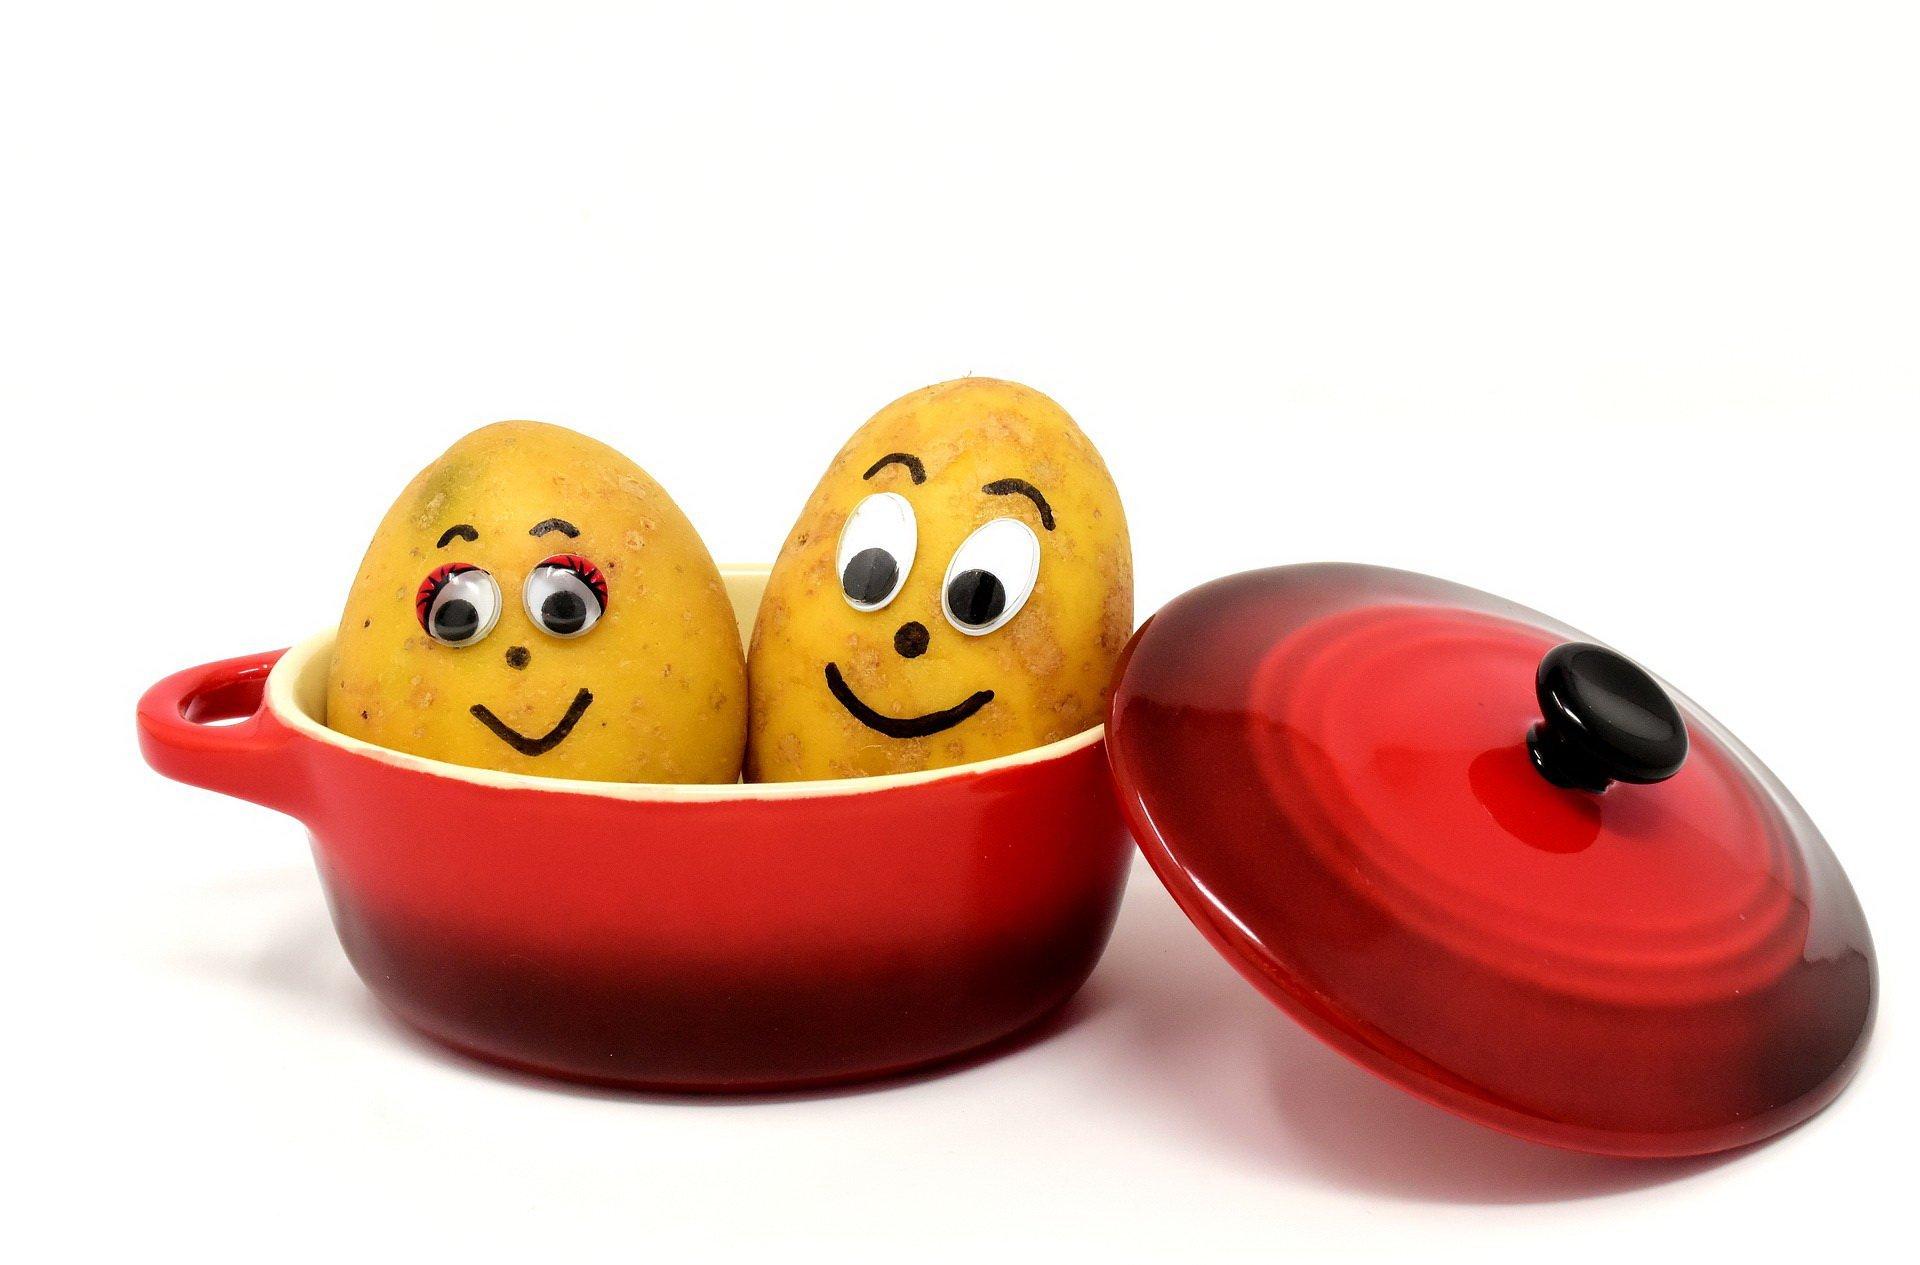 Kartofelki wierszyk dla dzieci na Dzień Ziemniaka